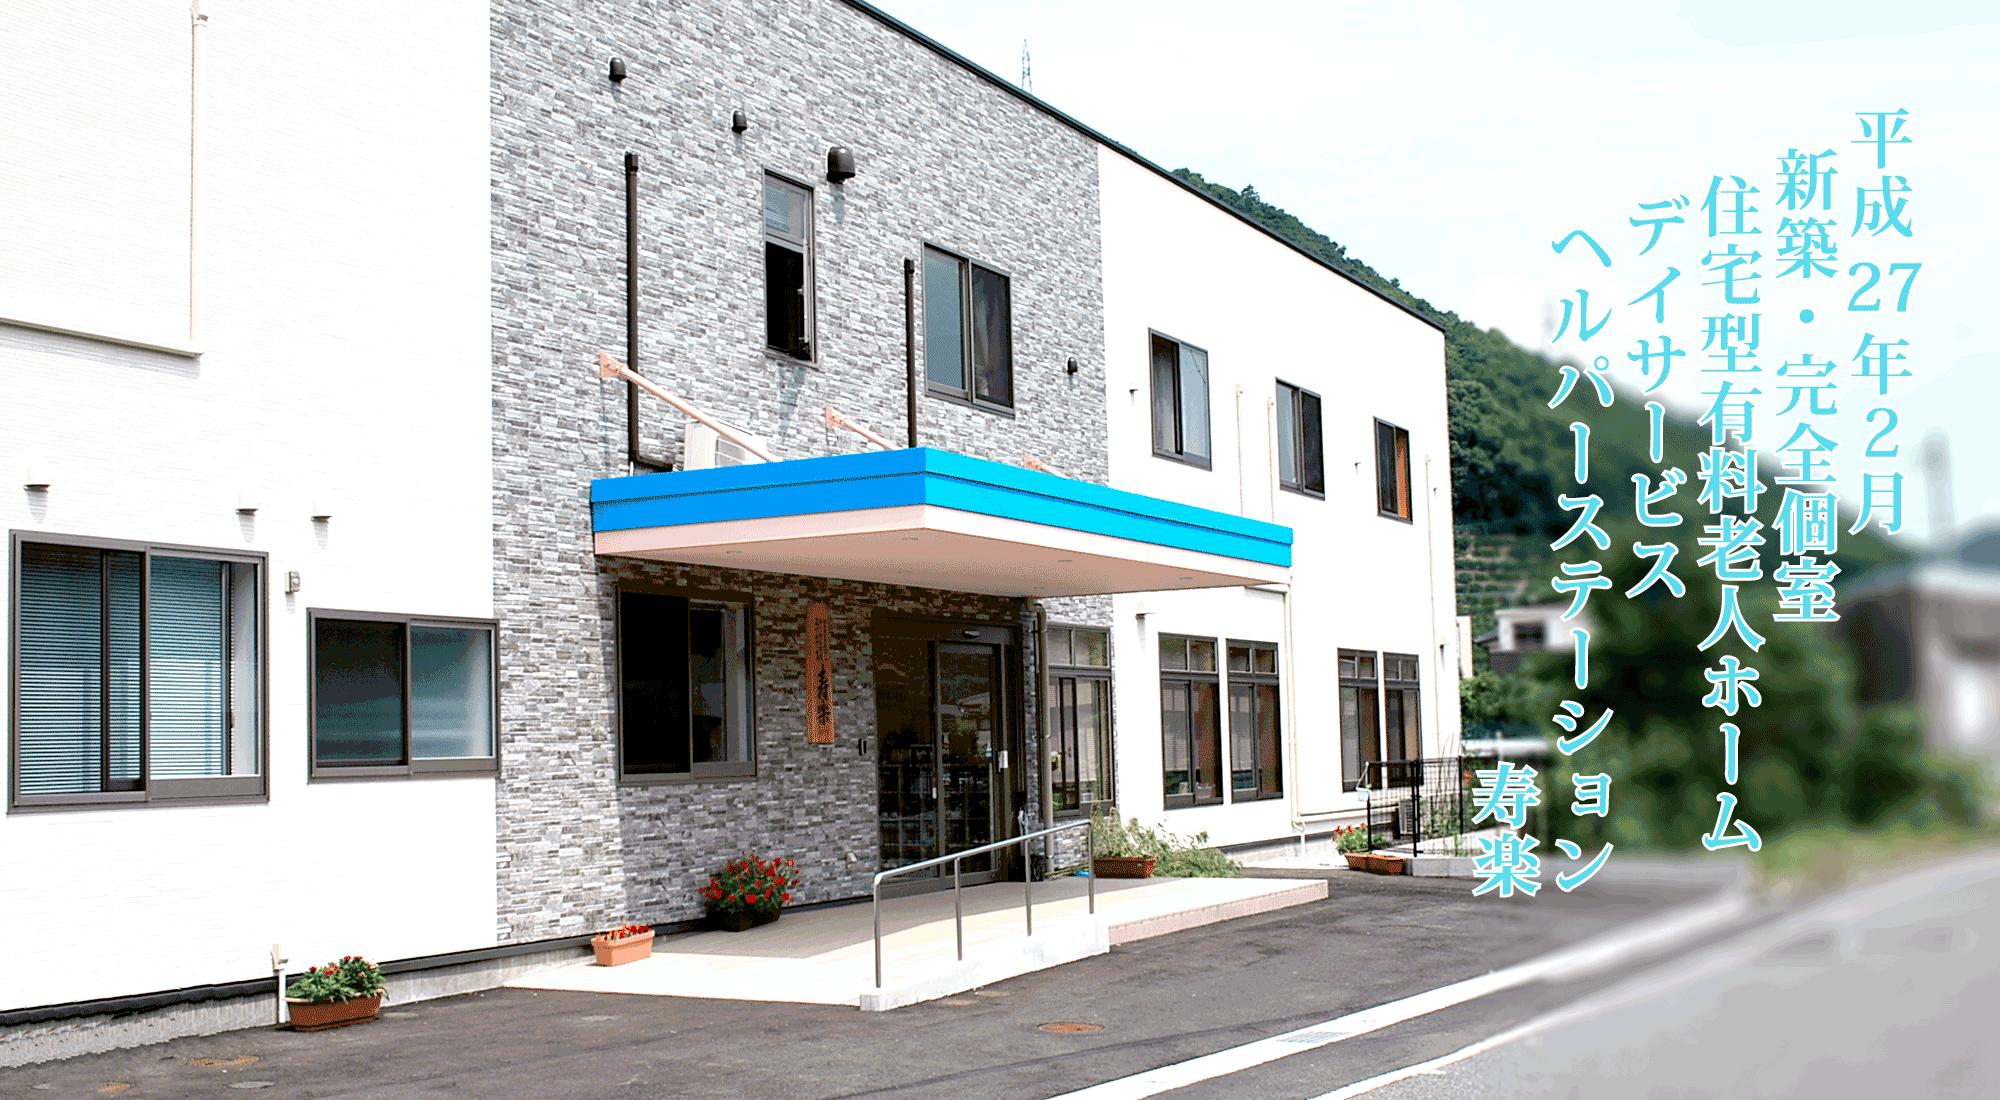 津久見市の住宅型有料老人ホーム 寿楽 |公式サイト